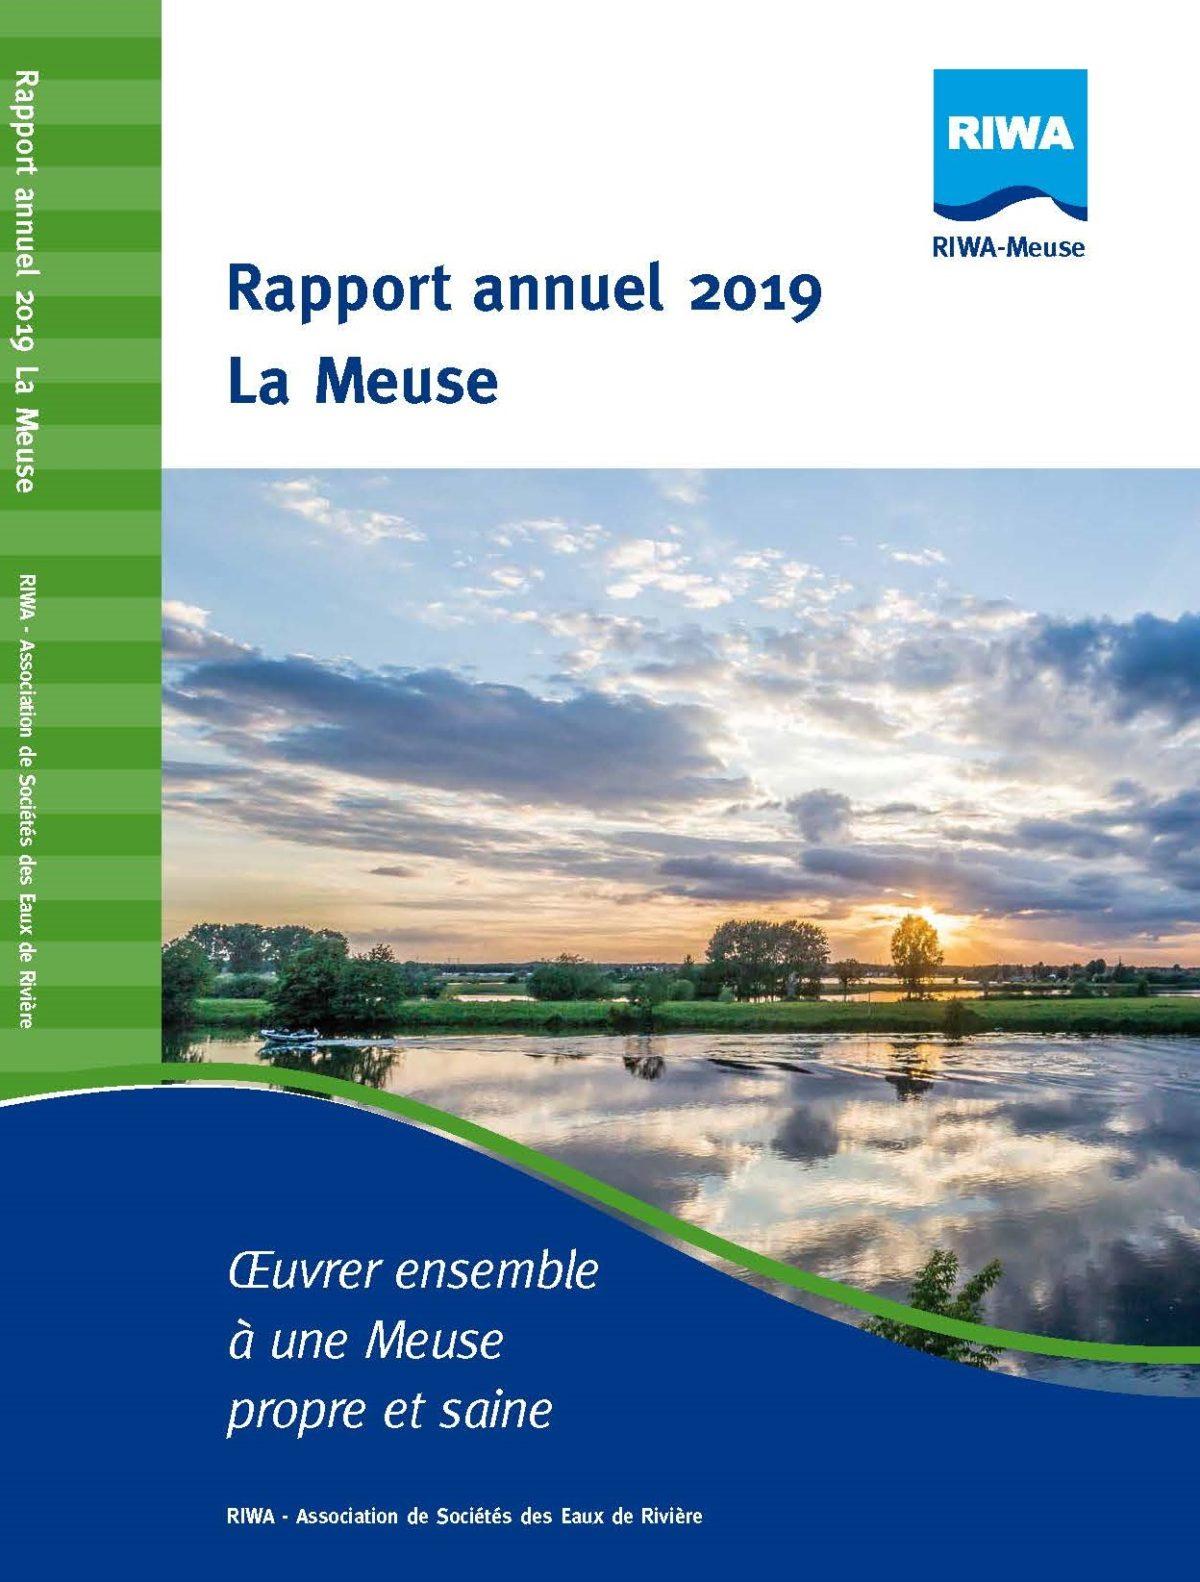 RIWA Rapport Annuel 2019 La Meuse